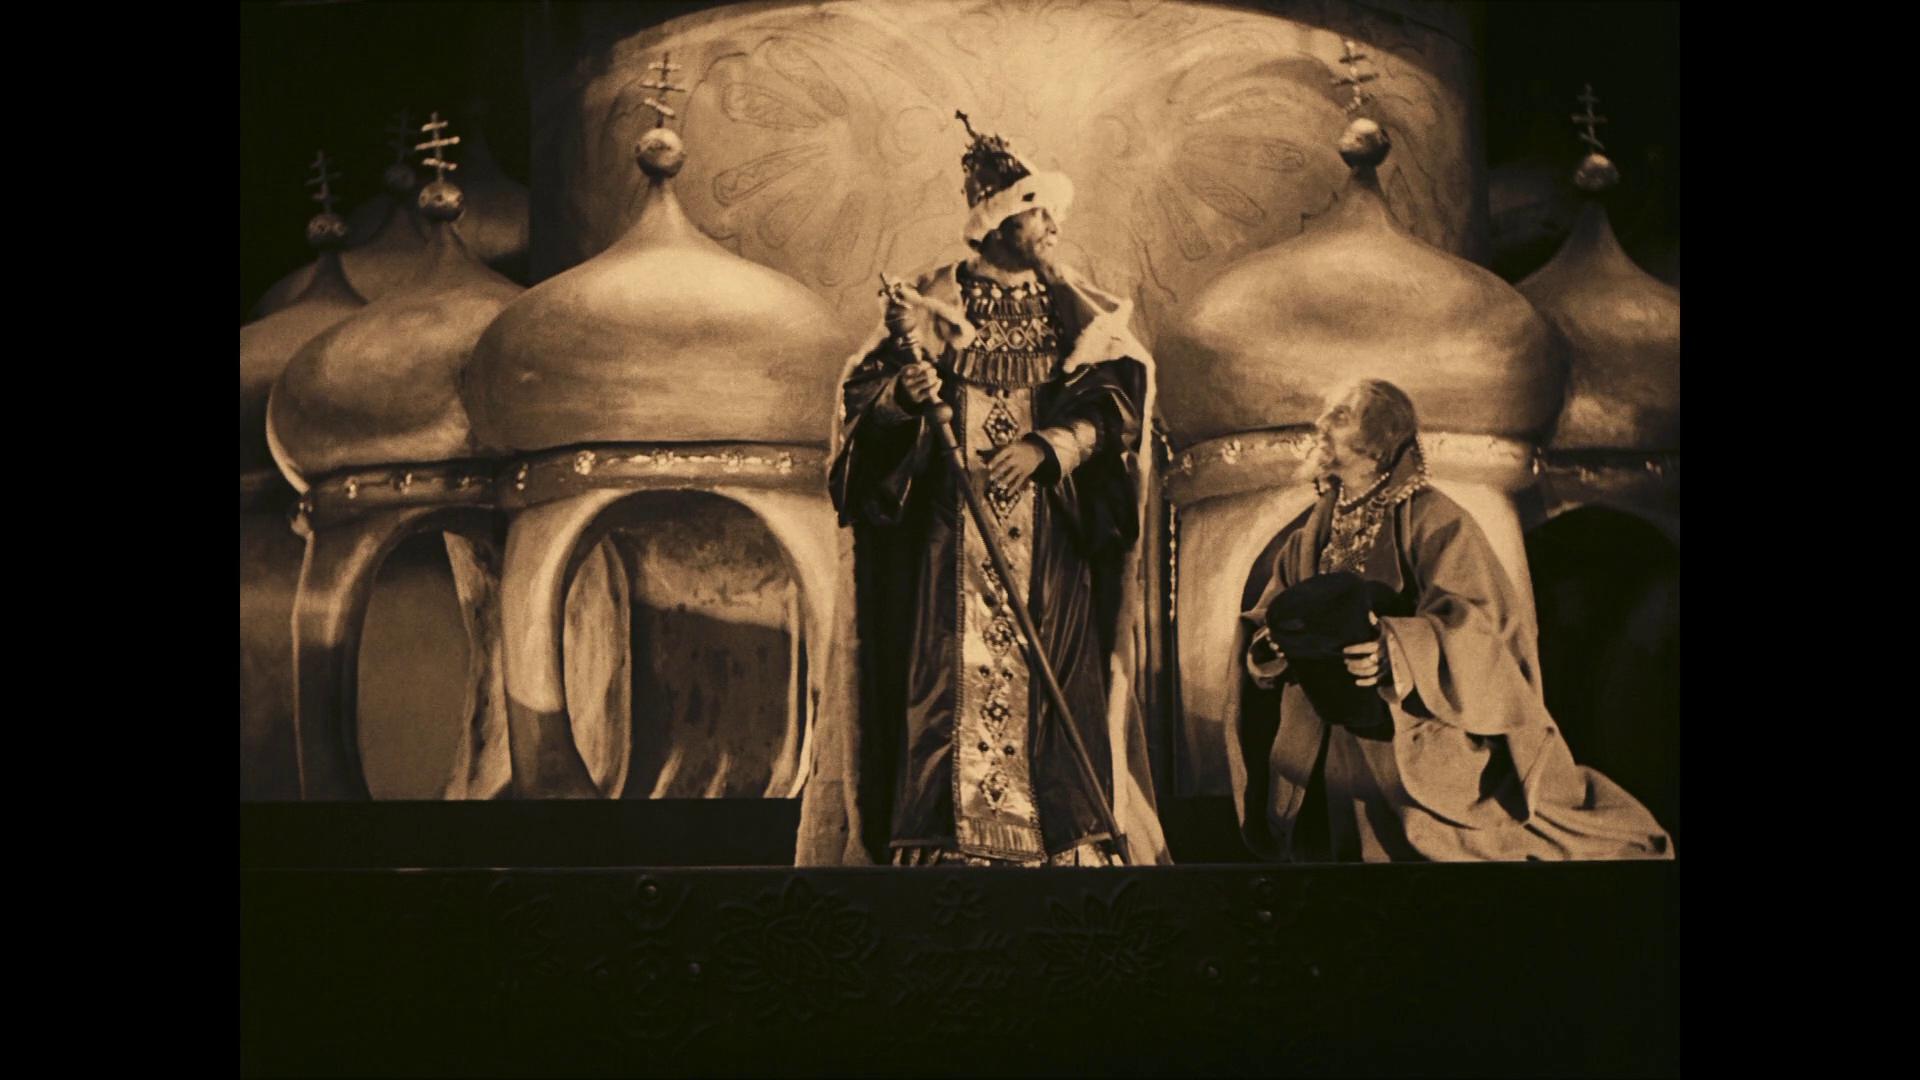 Image du film Das Wachsfigurenkabinett (Le cabinet des figures de cire, 1924) de Paul Leni